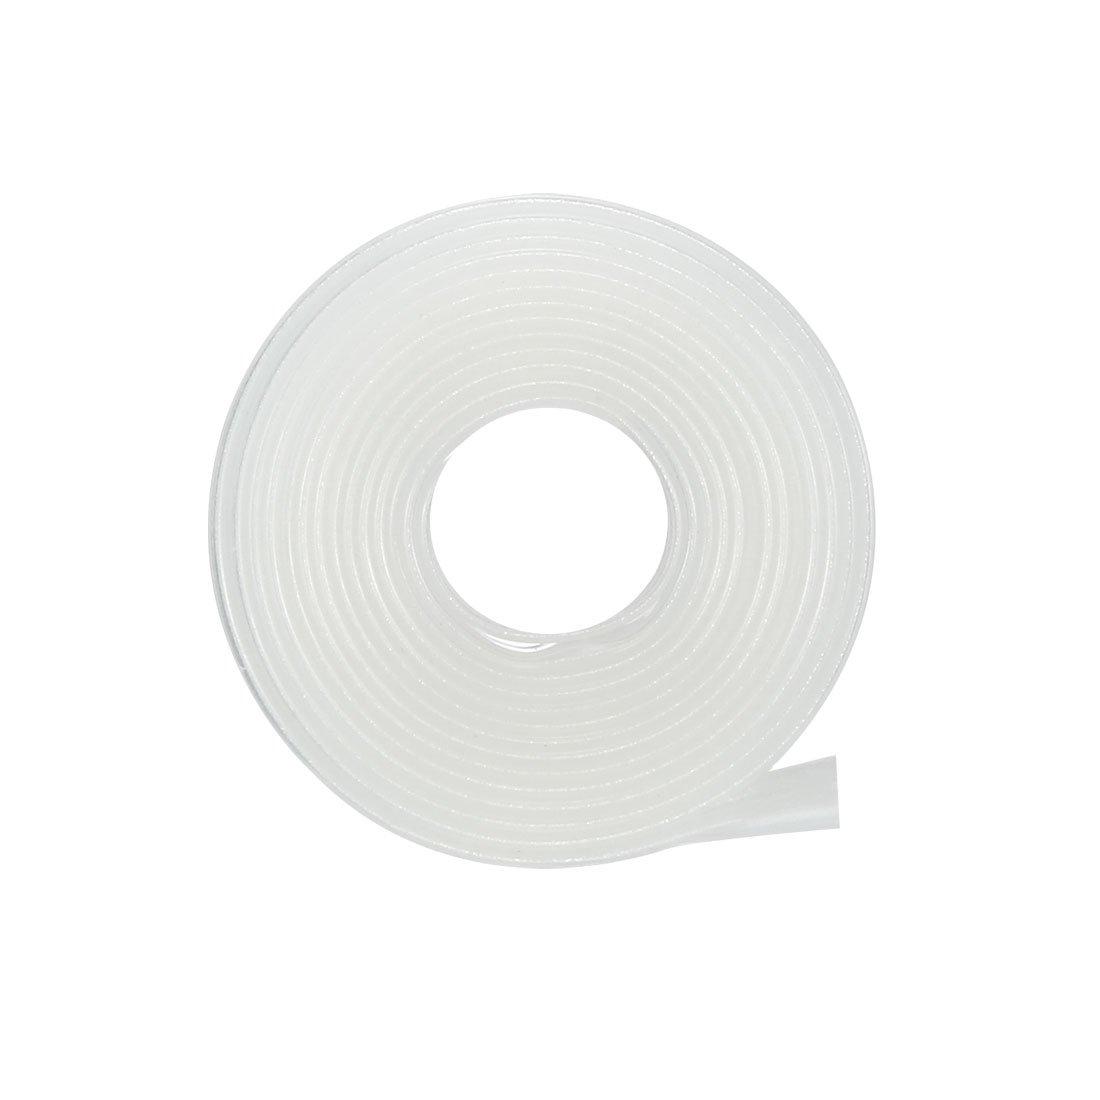 1/Elektrische Isolierung Tube Draht Kabel Tubing sleeven Wrap Klar 16/mm Durchmesser 1/m L/änge Sourcingmap Schrumpfschlauch 2